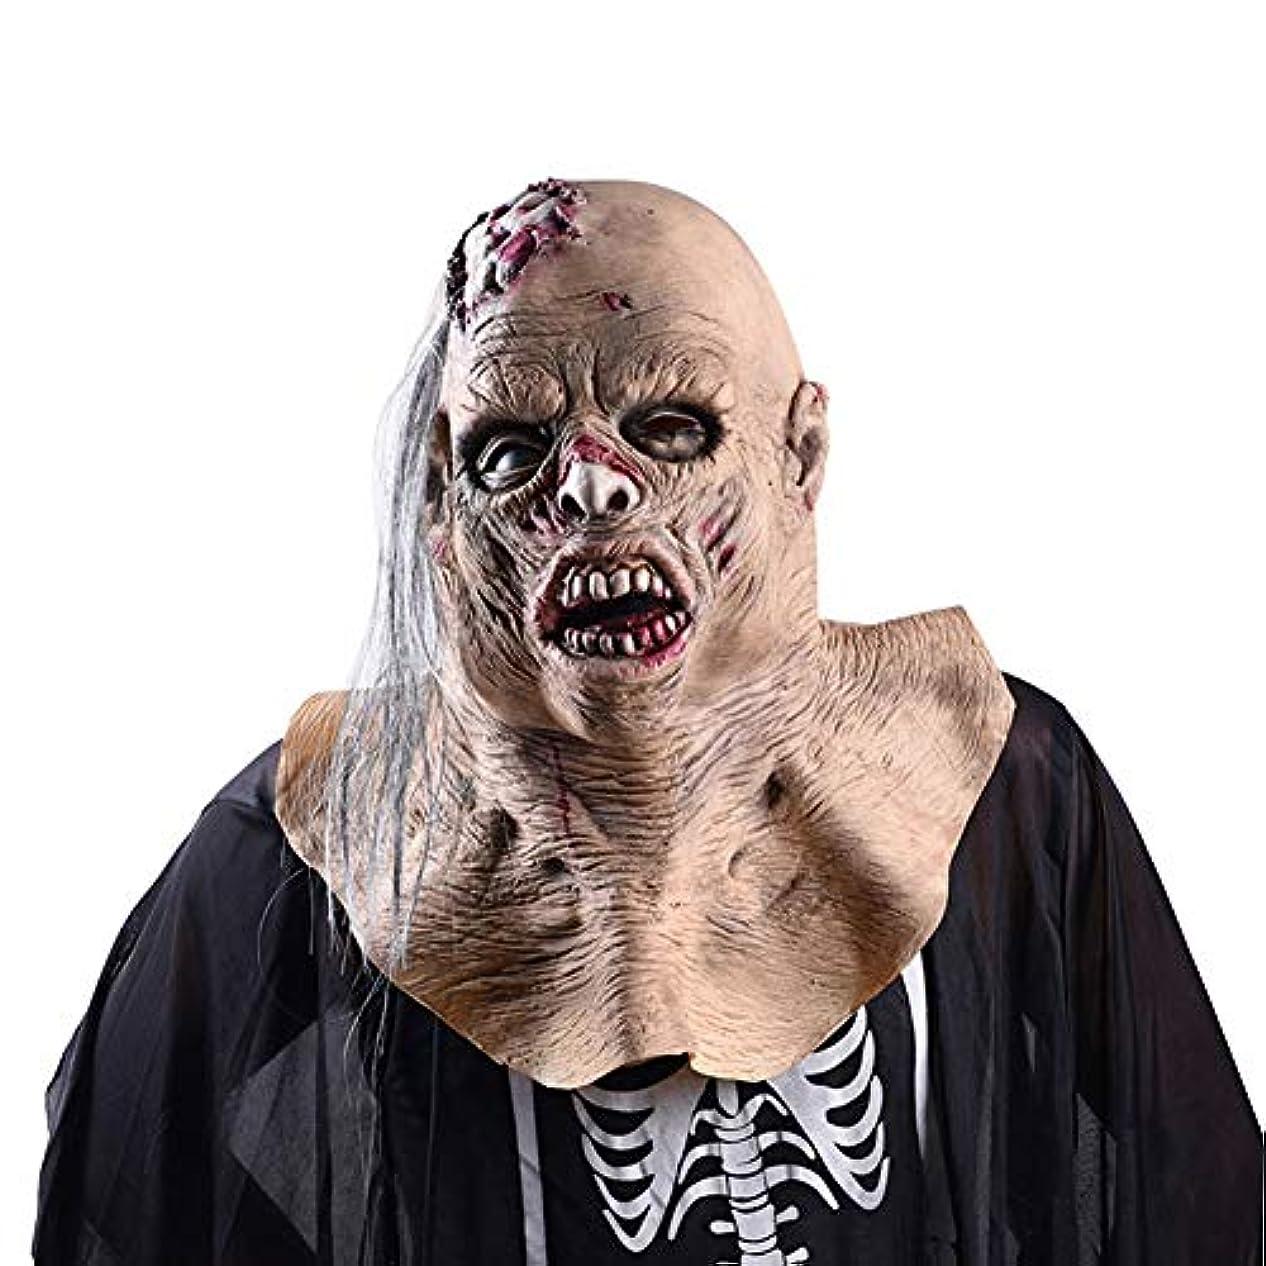 しつけ辞任ヨーロッパハロウィーンマスク、吸血鬼のラテックスマスク、ハロウィーン、テーマパーティー、カーニバル、レイブパーティー、バー、小道具。